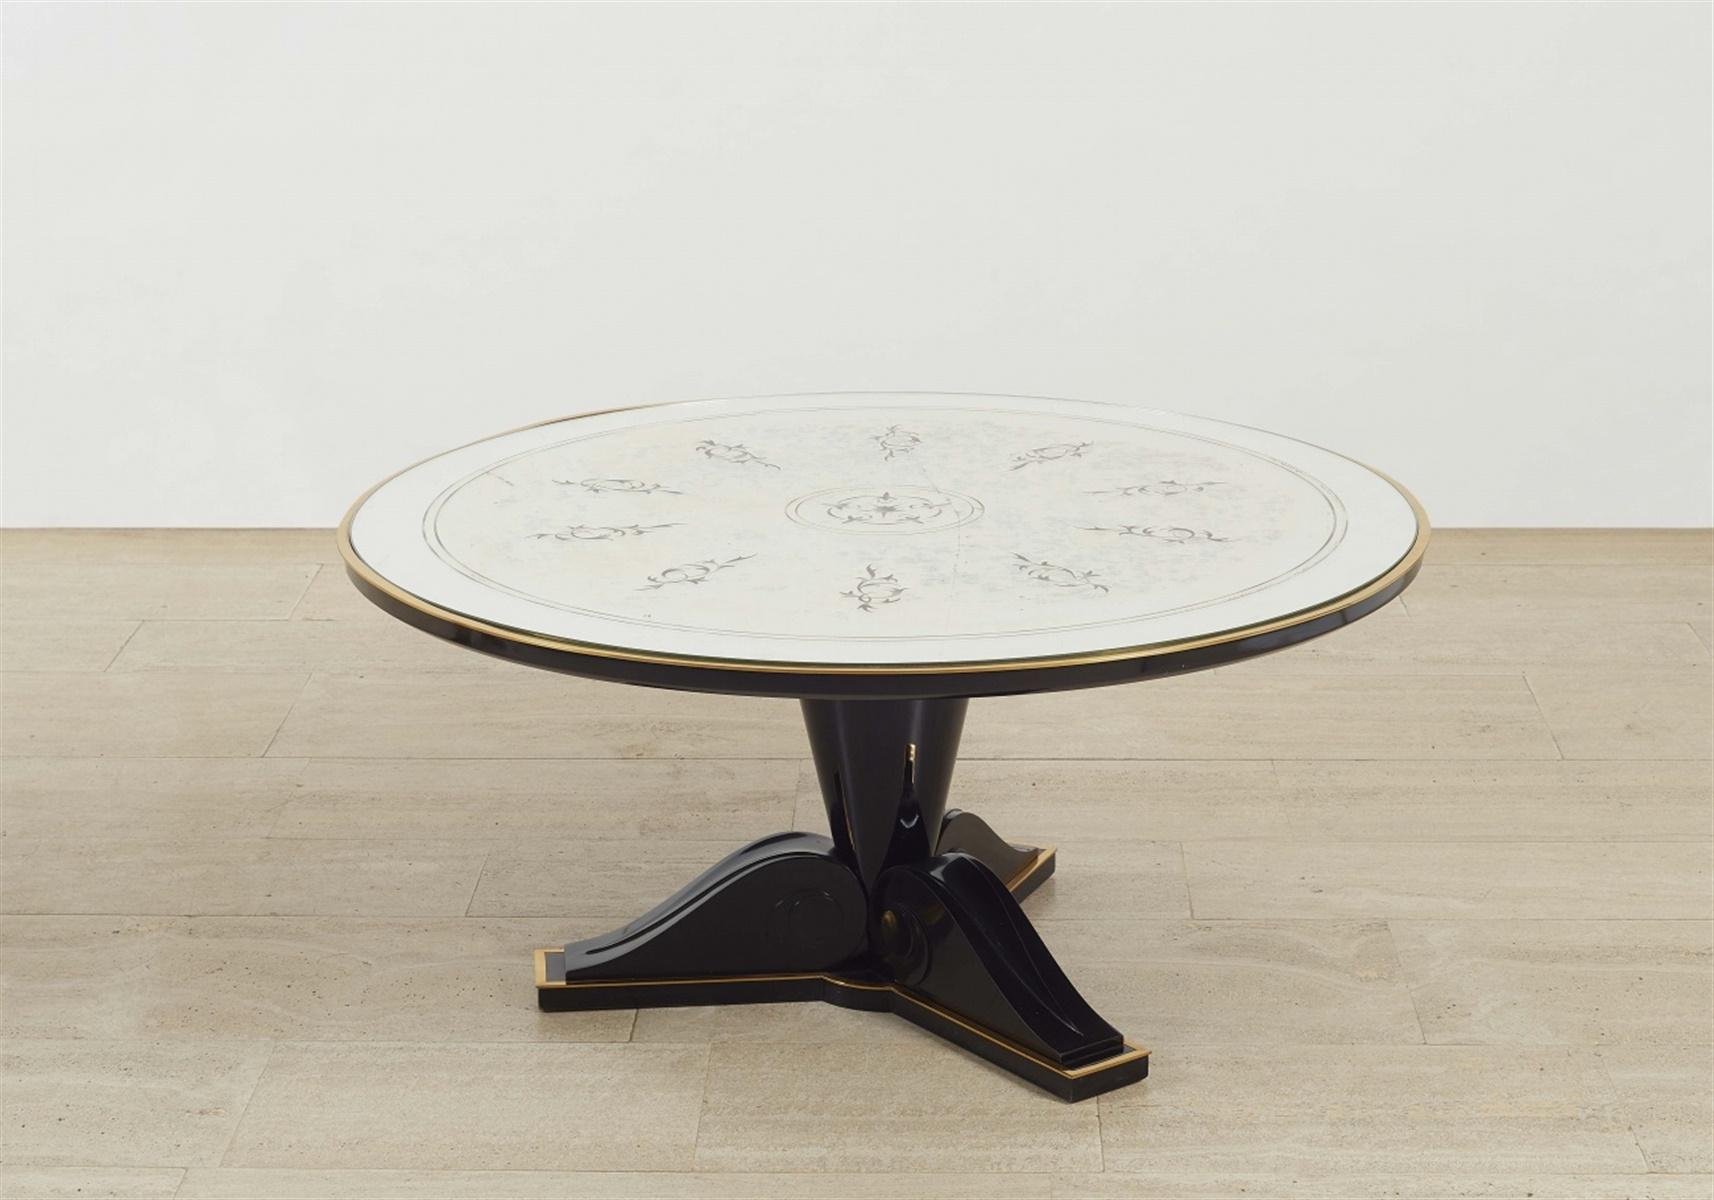 Table basseEbonisiertes Holz, Messingleisten, Silberfolie unter Glas. Eleganter runder Tisch mit